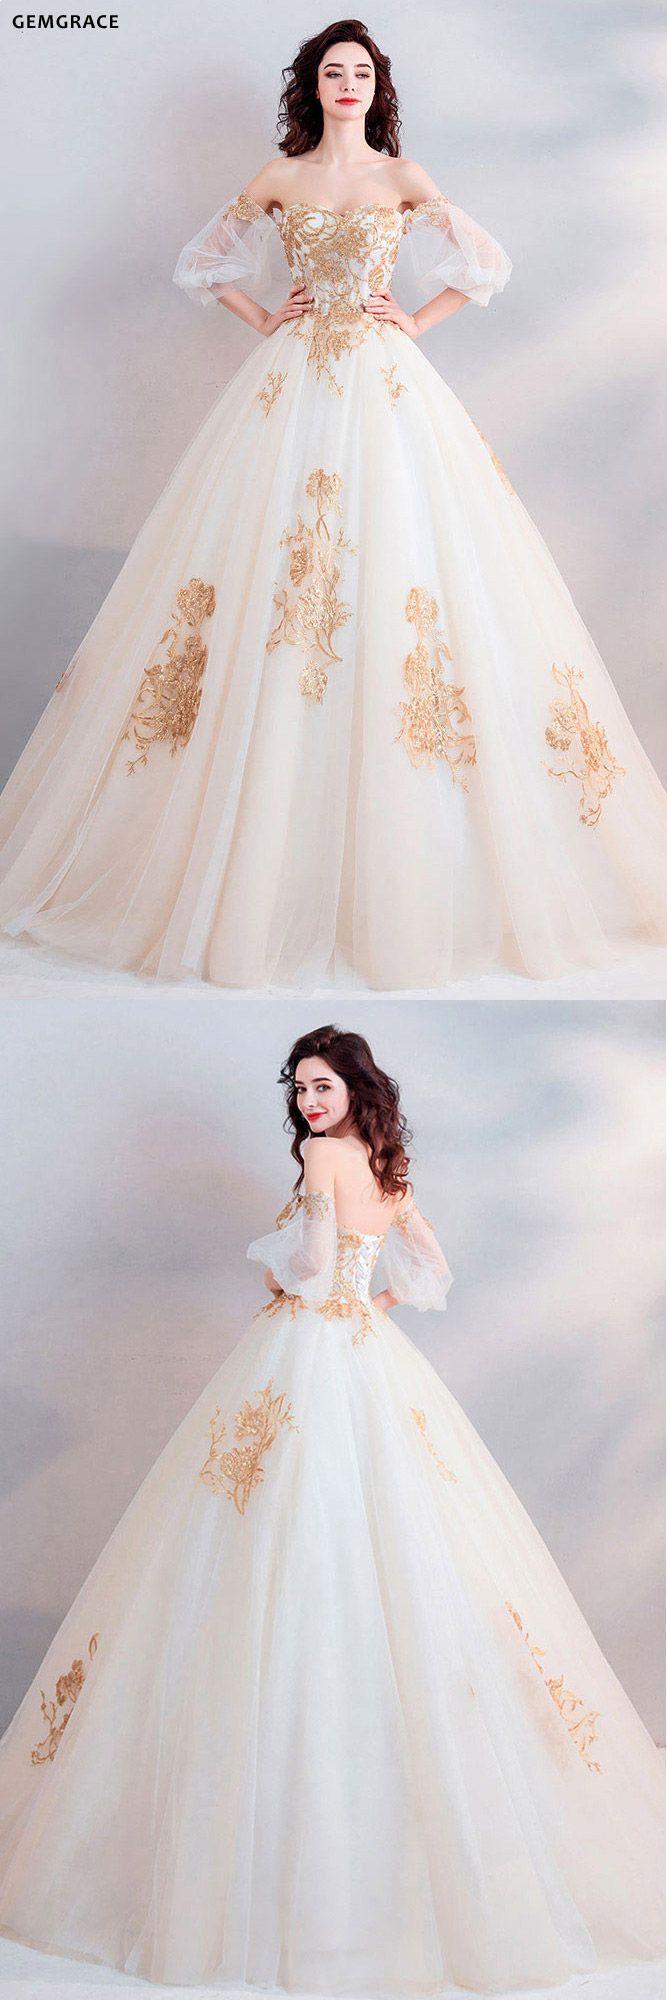 $ 181.8, klassisches Gold mit weißem Ballkleid Prinzessin Brautkleid aus …